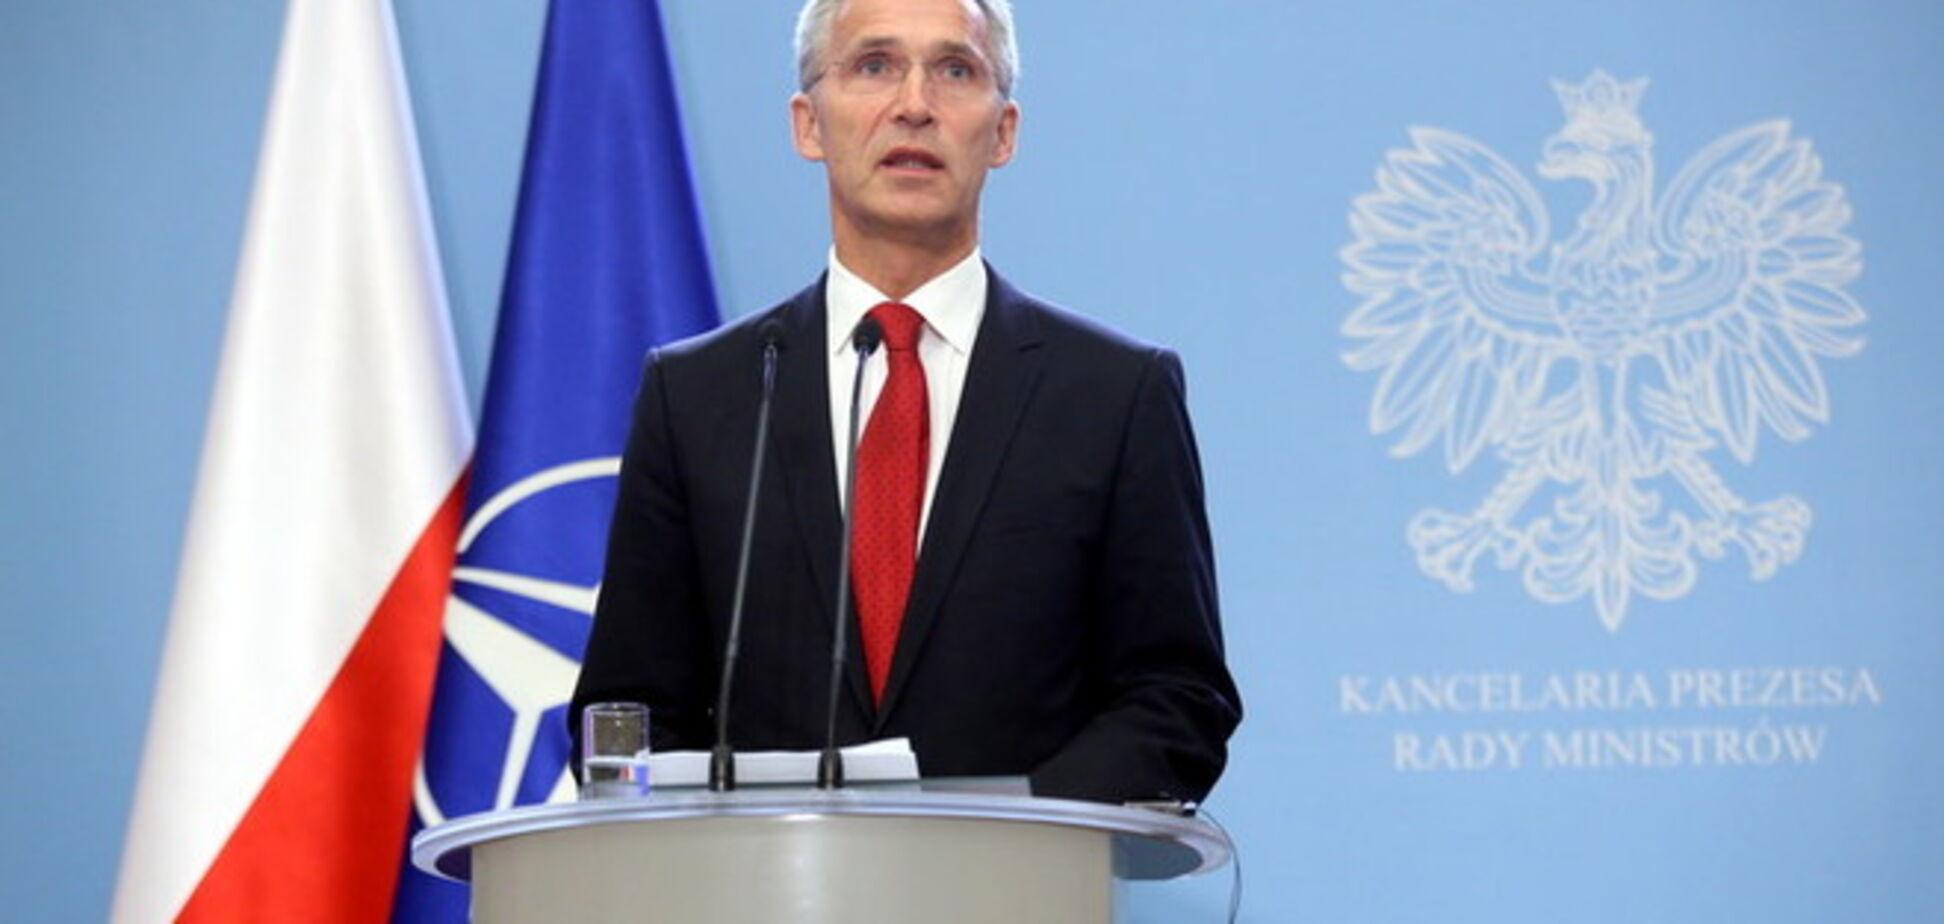 'Выборы' террориcтов подрывают Минские договоренности - генсек НАТО